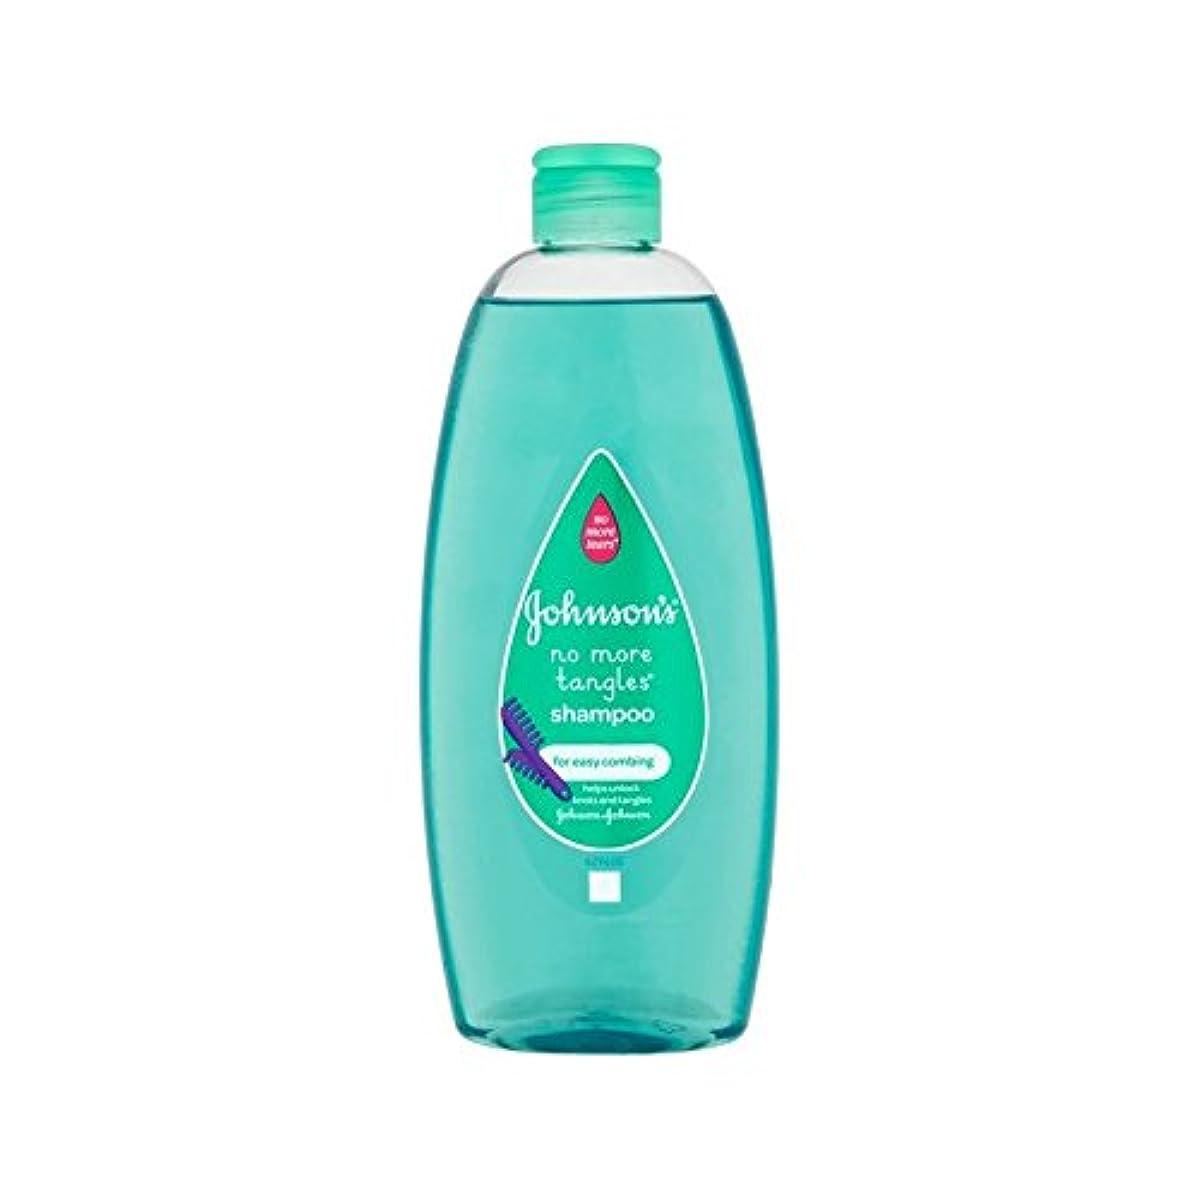 原因ローストハプニングもうシャンプー500ミリリットルをもつれません (Johnson's Baby) (x 6) - Johnson's Baby No More Tangles Shampoo 500ml (Pack of 6) [並行輸入品]